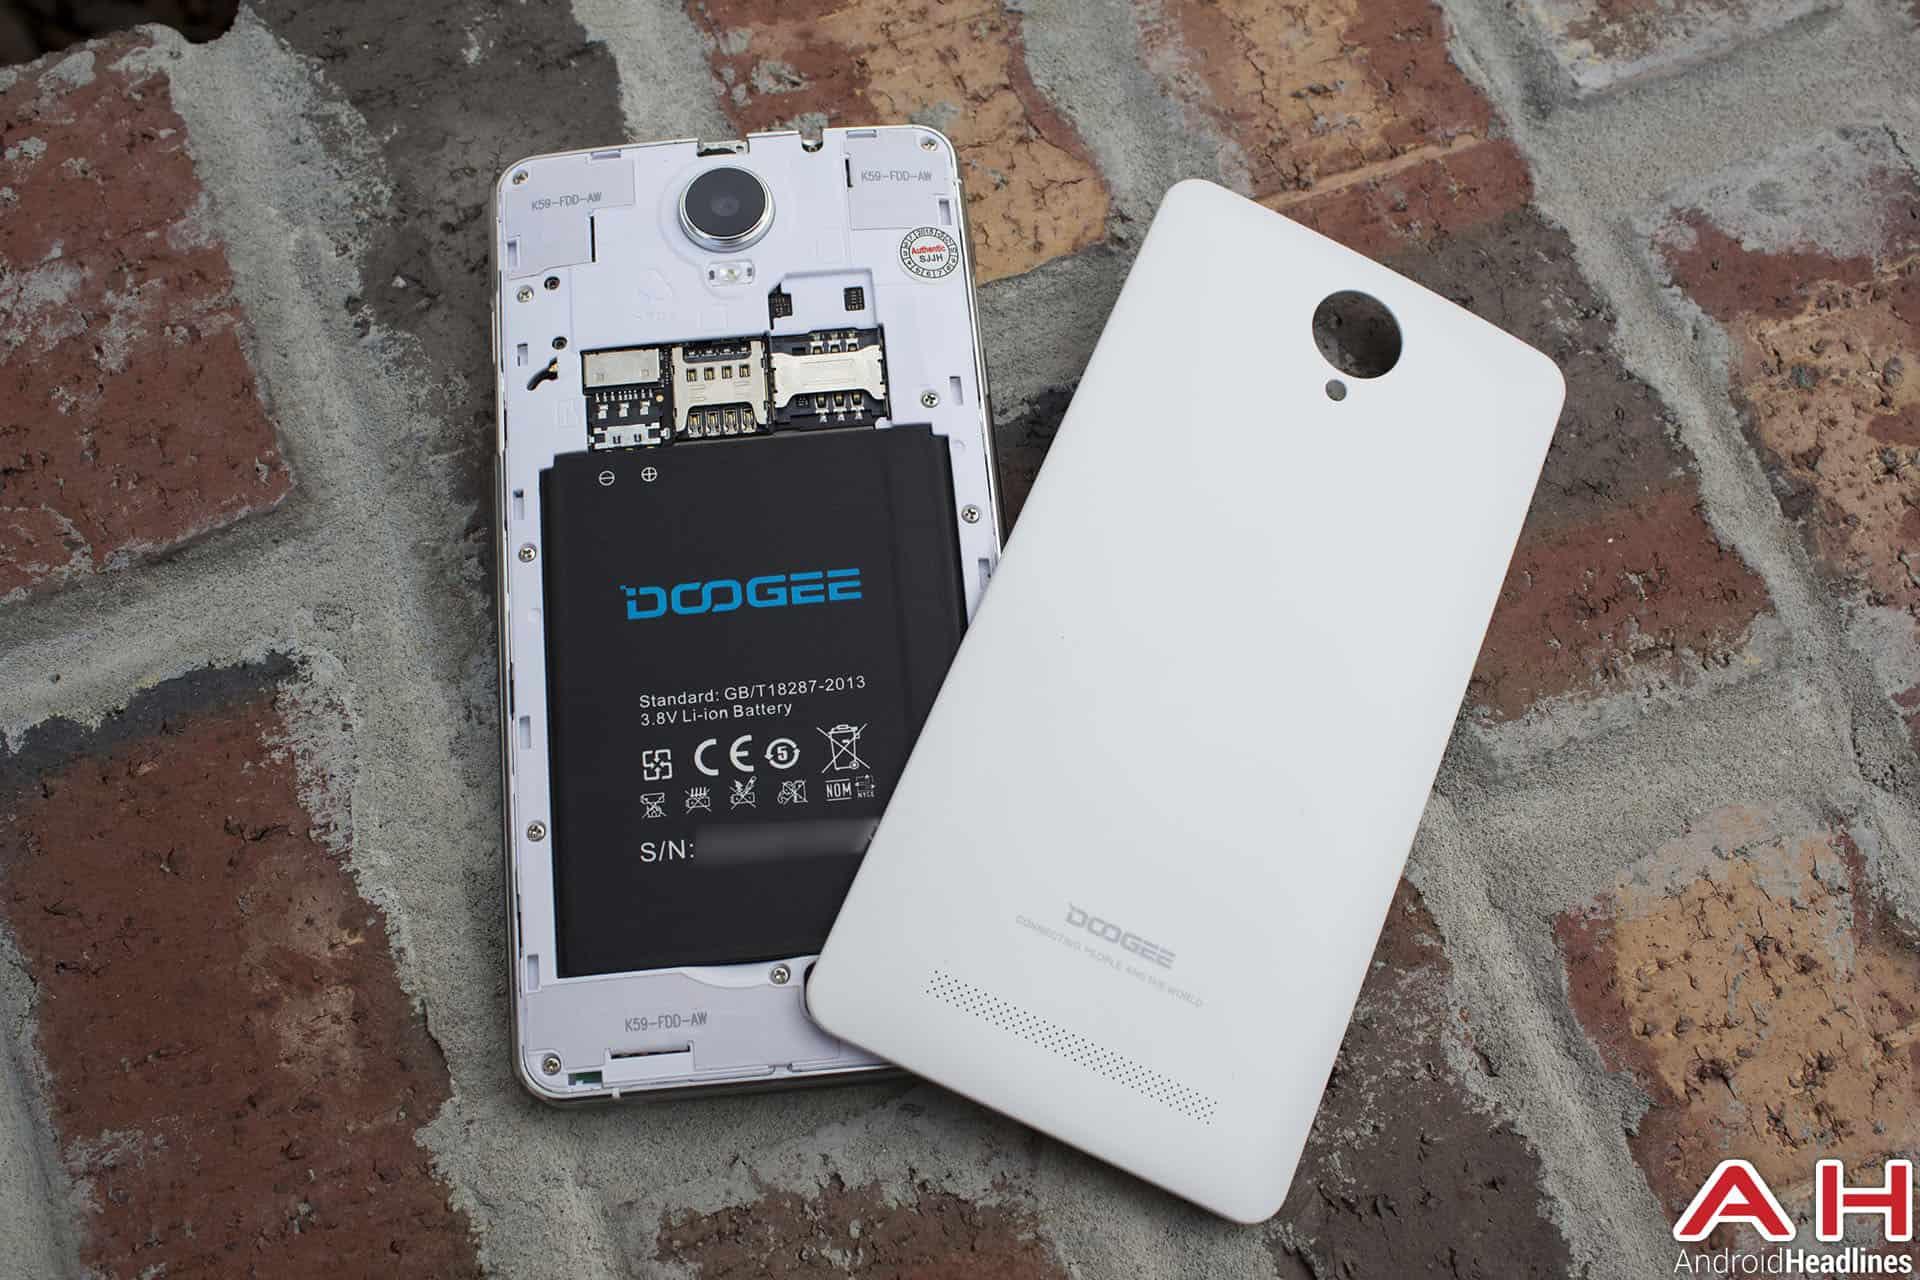 Doogee-Ibiza-F2-battery